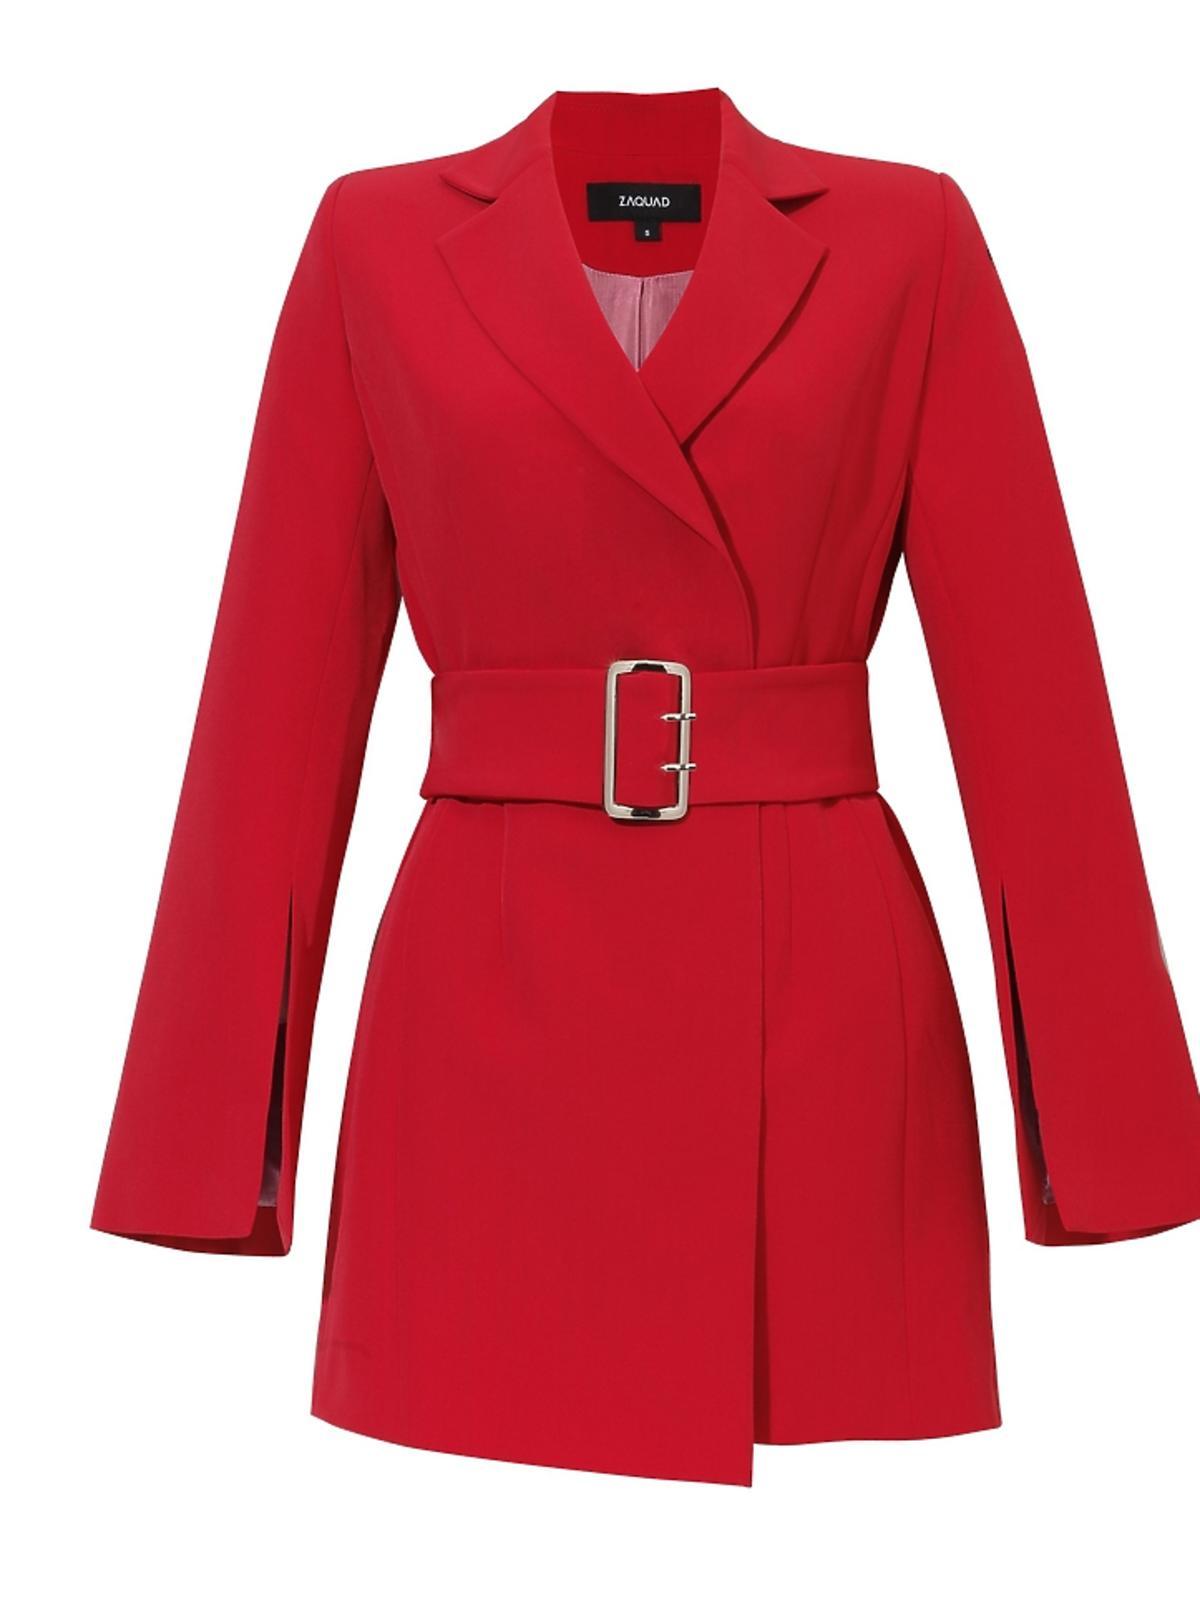 Sukienka marynarkowa czerwona z paskiem 650zł, Zaquad